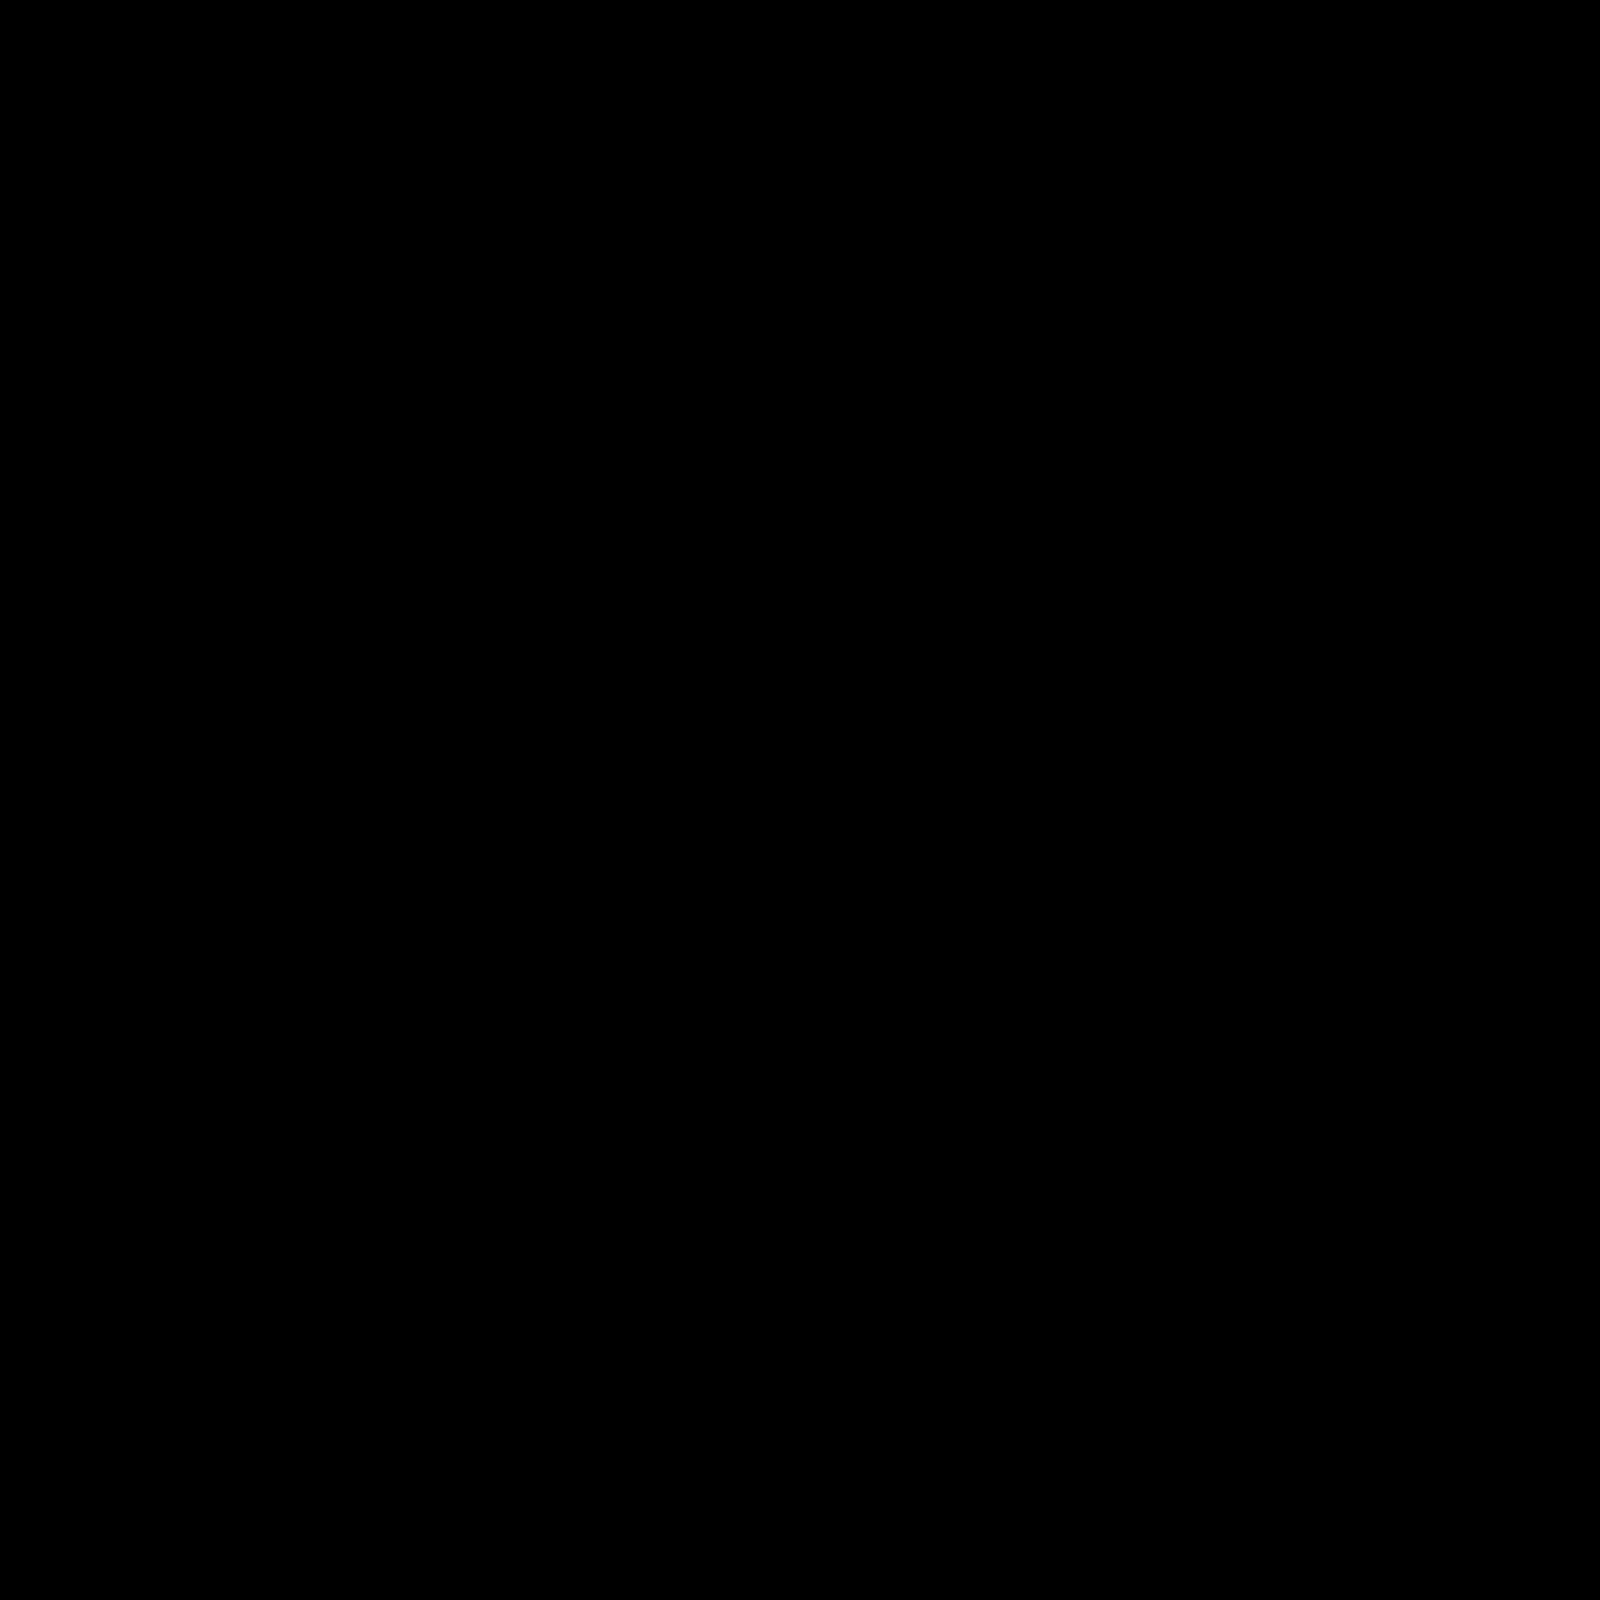 寄信 icon